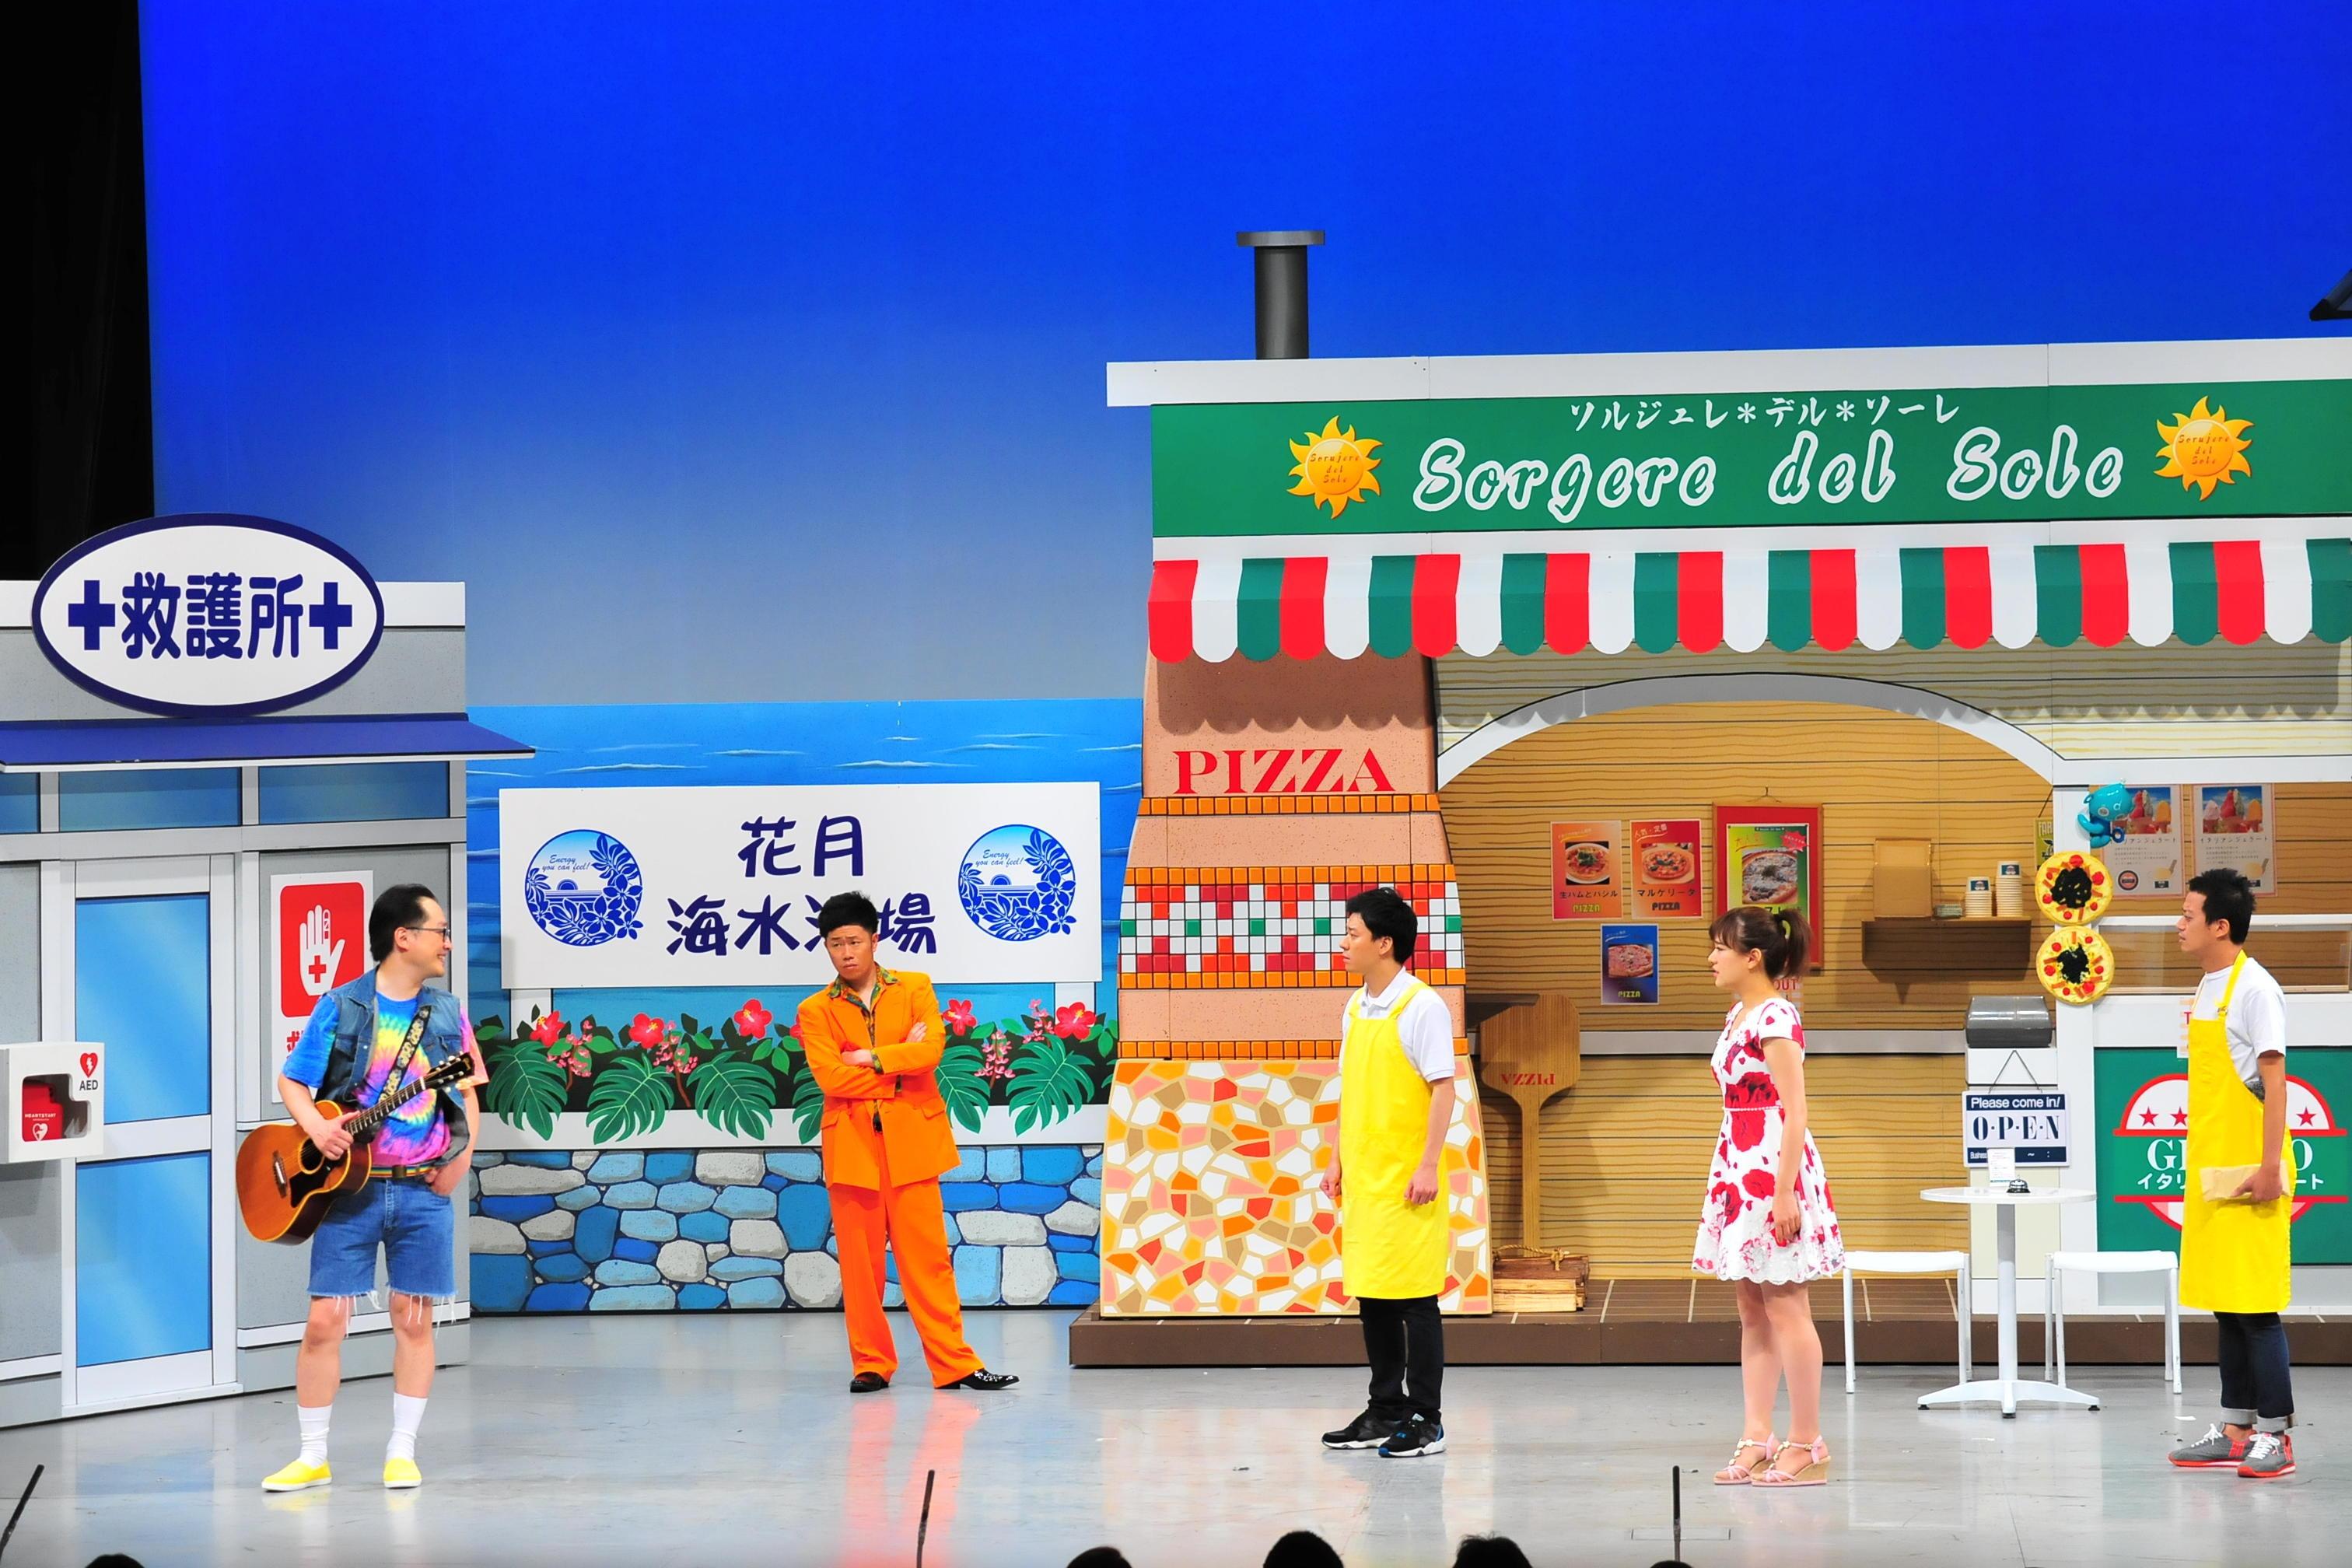 http://news.yoshimoto.co.jp/20160814183627-9678df5e62869df3a8ea584796cd8101ddc9b76c.jpg